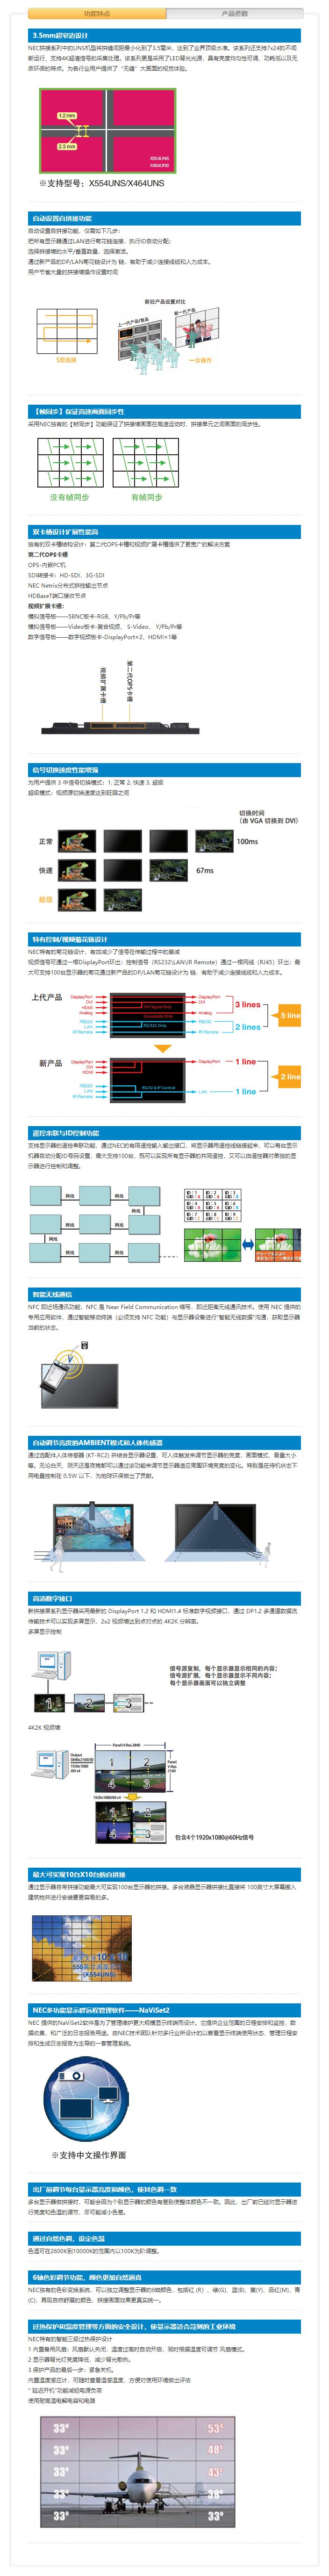 NEC显示器_产品_X554UNV